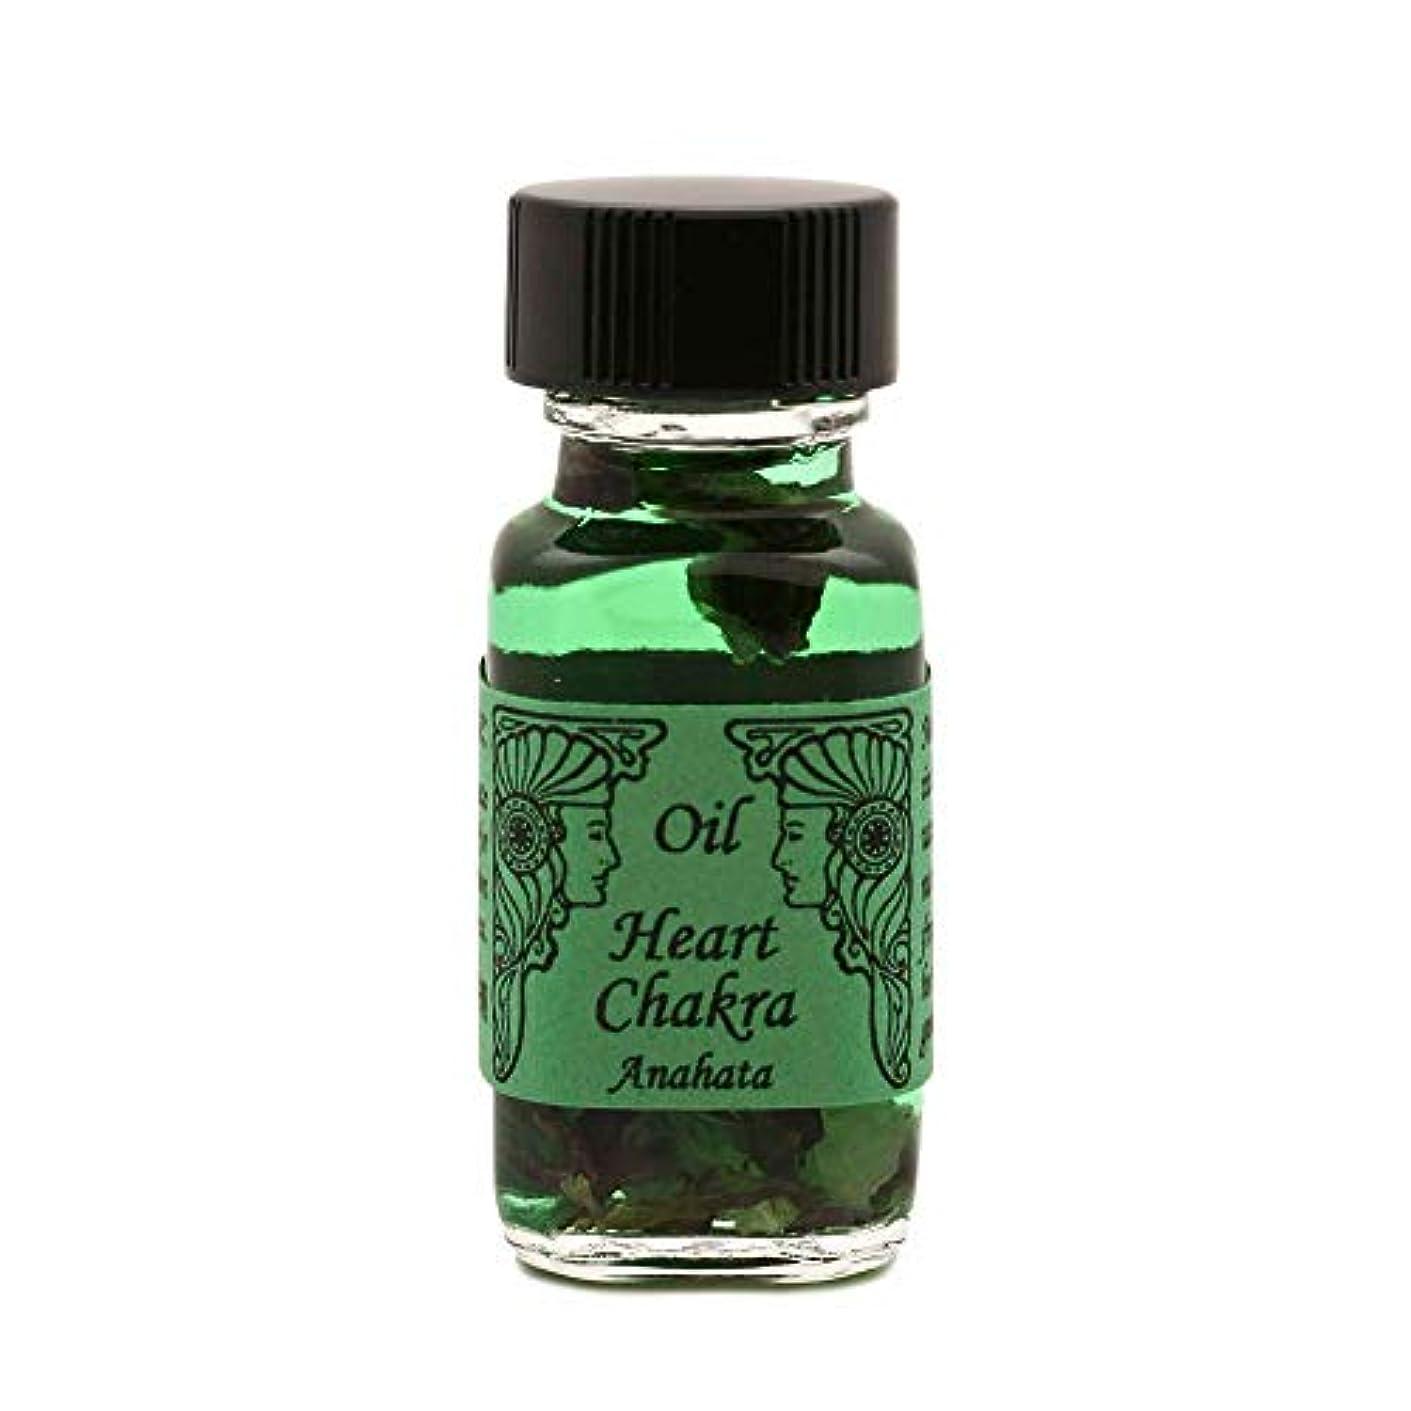 太鼓腹タイル特殊SEDONA Ancient Memory Oils セドナ アンシェントメモリーオイル Heart Chakra ハート チャクラ 15ml